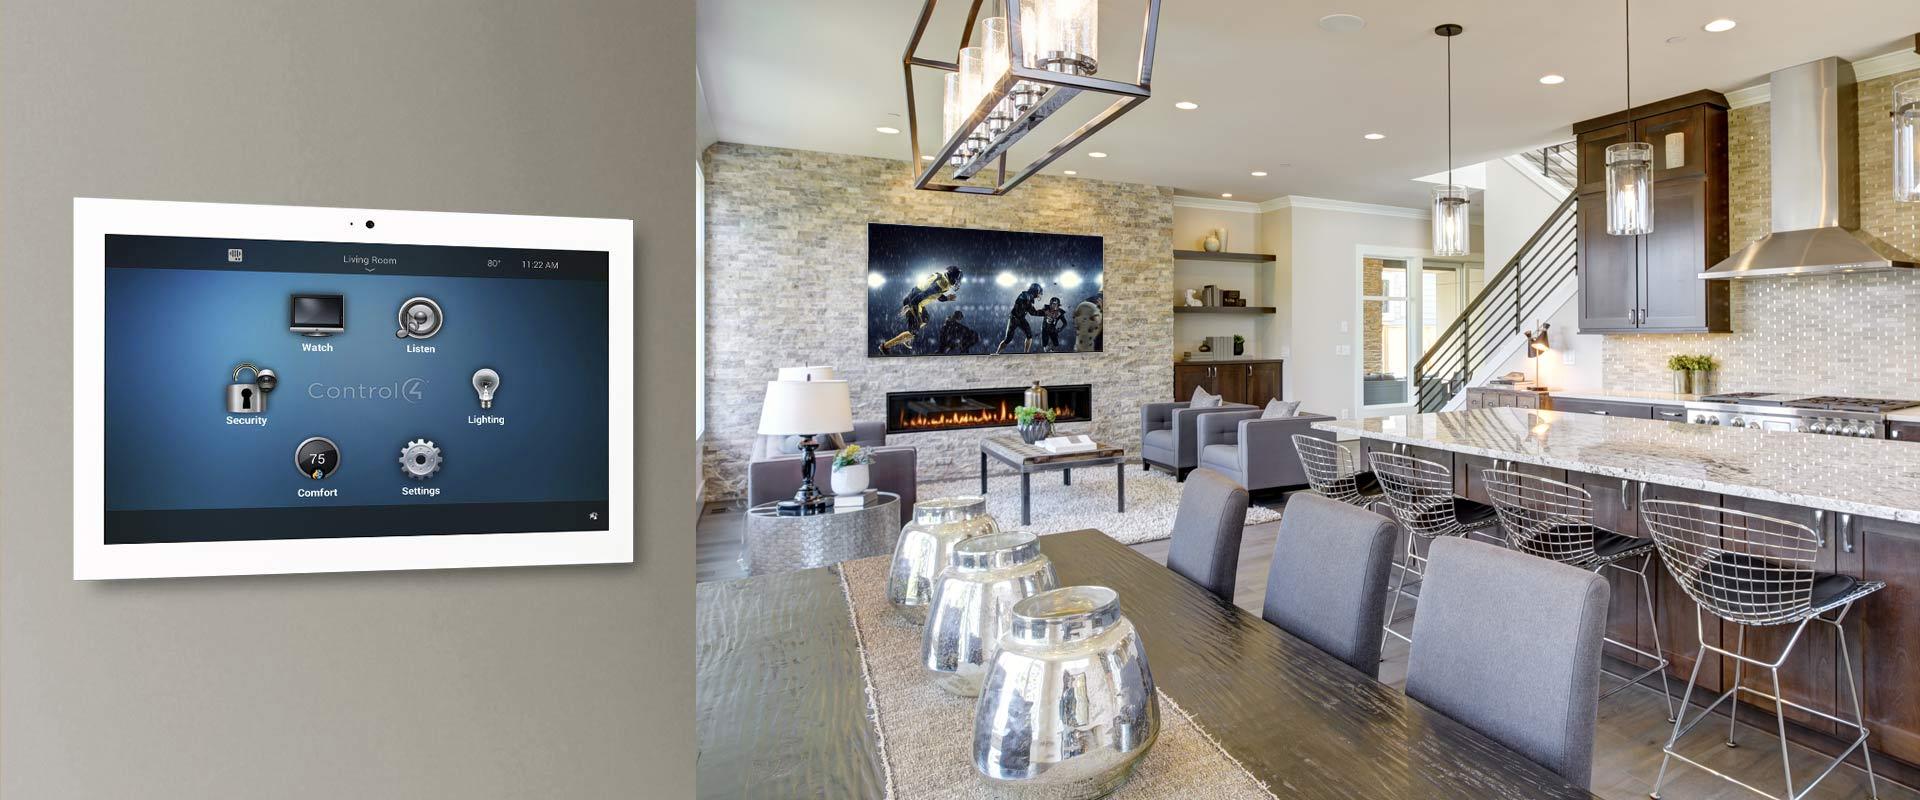 Header - Home Page Slide - Smart Home